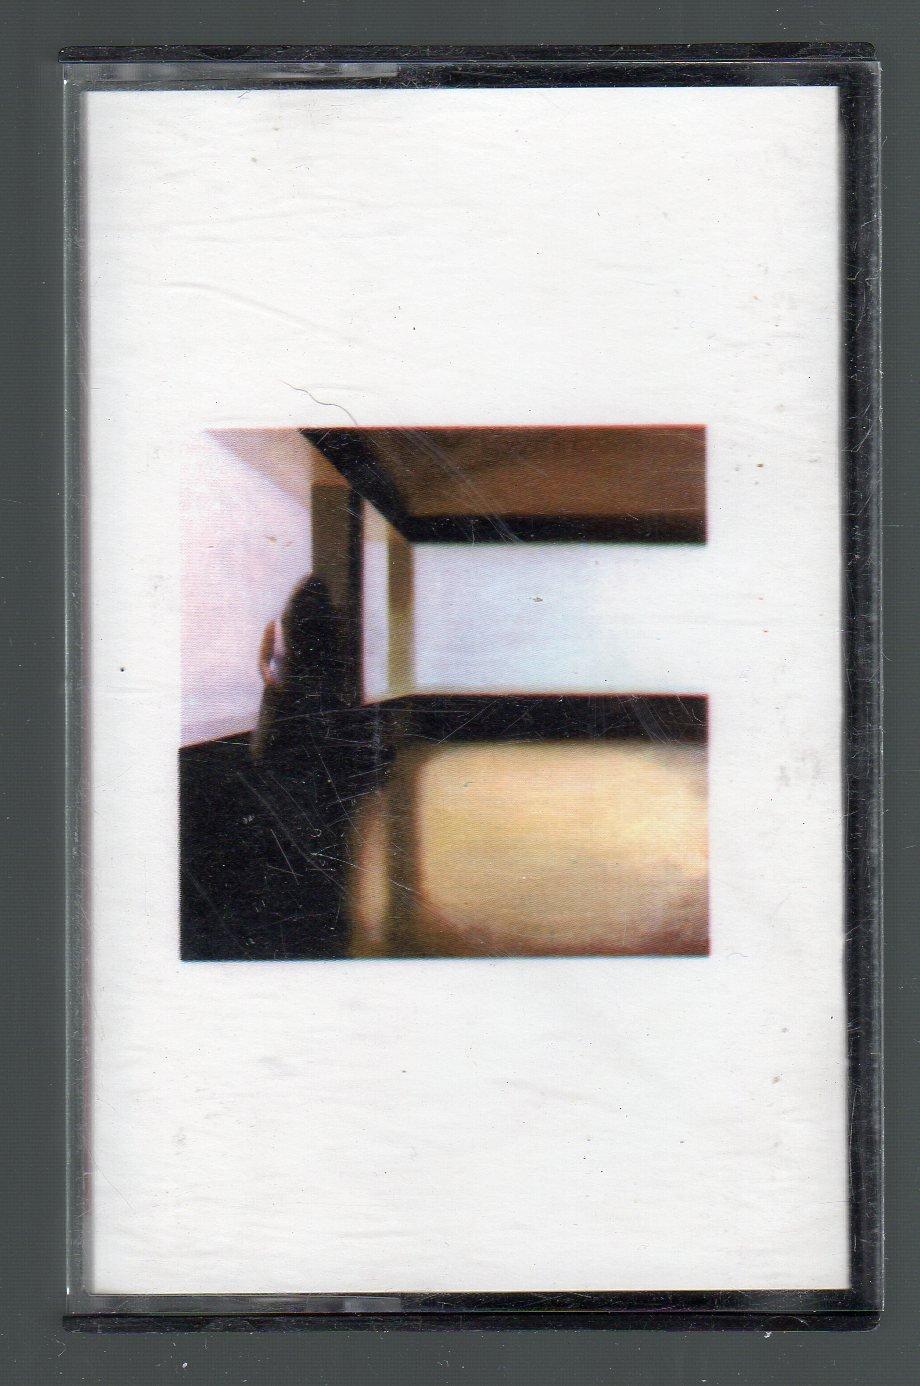 Dire Straits - Dire Straits Cassette Tape